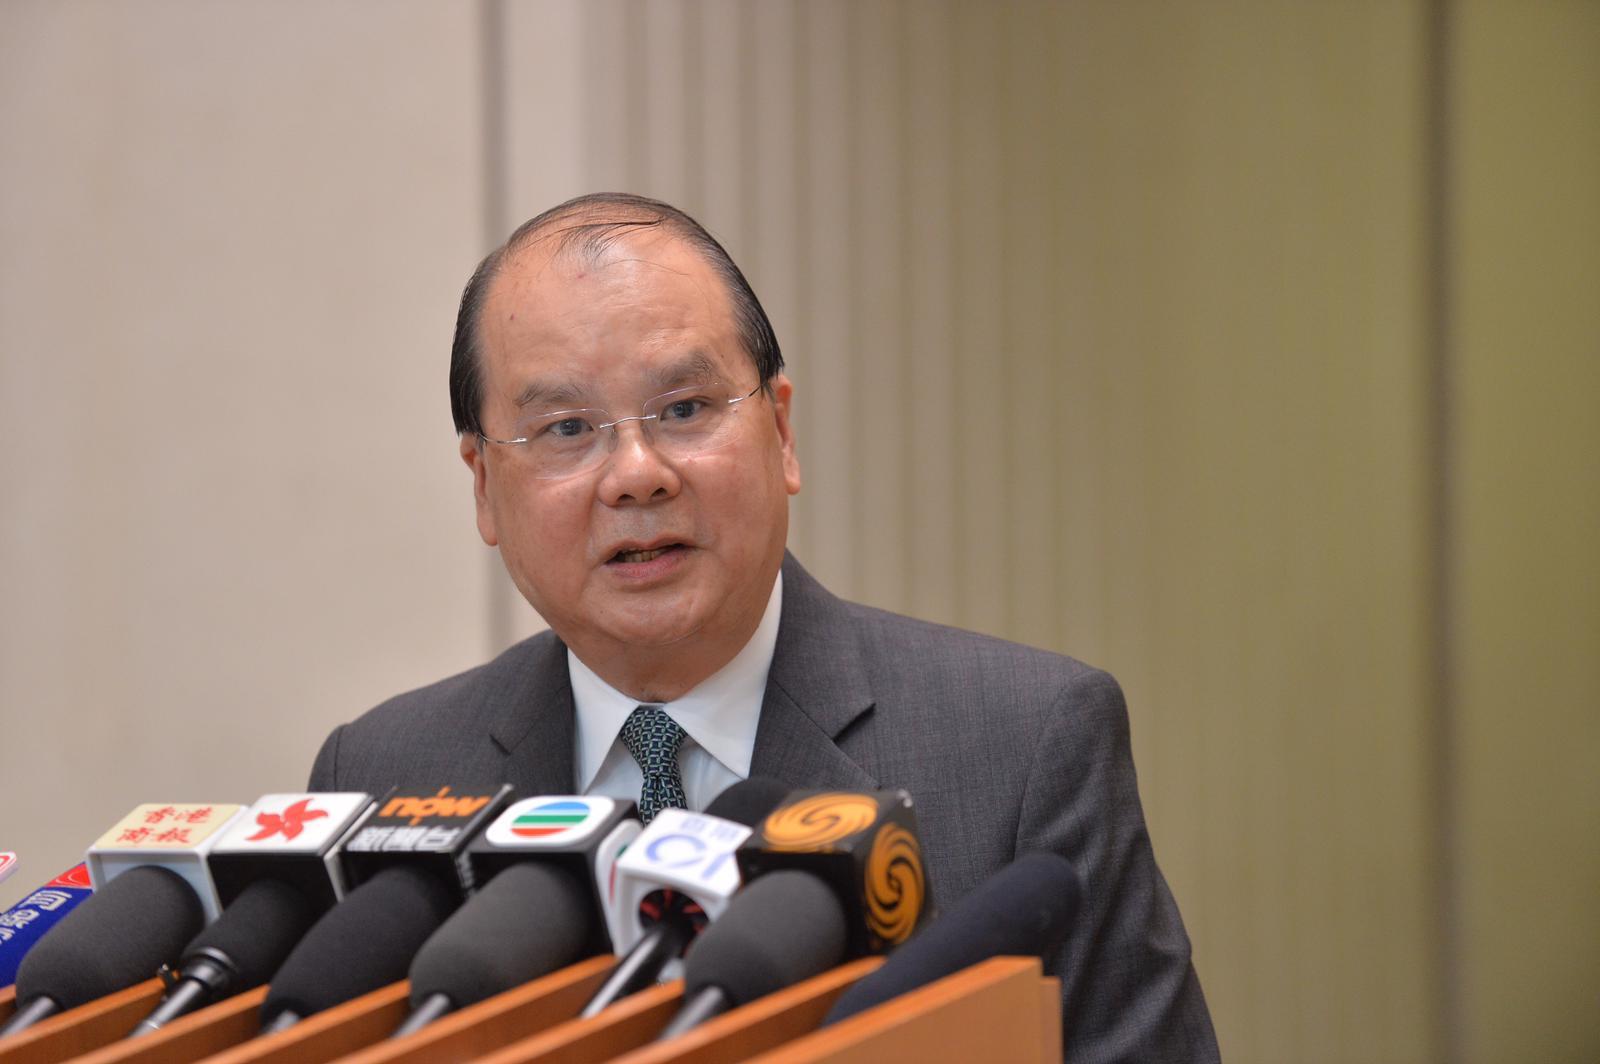 張建宗表示,發展局與律政司正仔細研究判詞,再決定會否提出上訴。